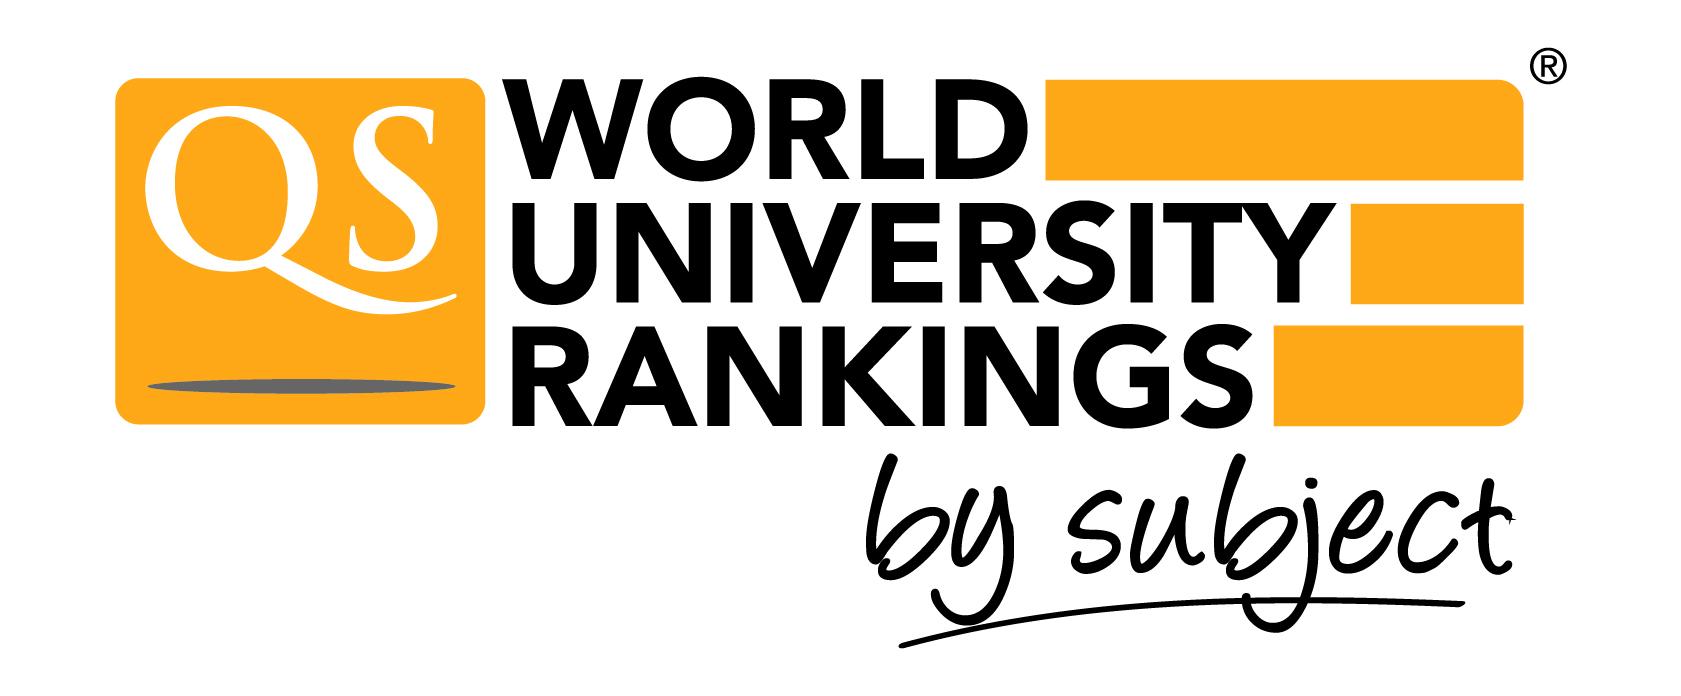 ۶ دانشگاه ایرانی در میان رتبه بندی «کیو. اس.» قرار گرفتند